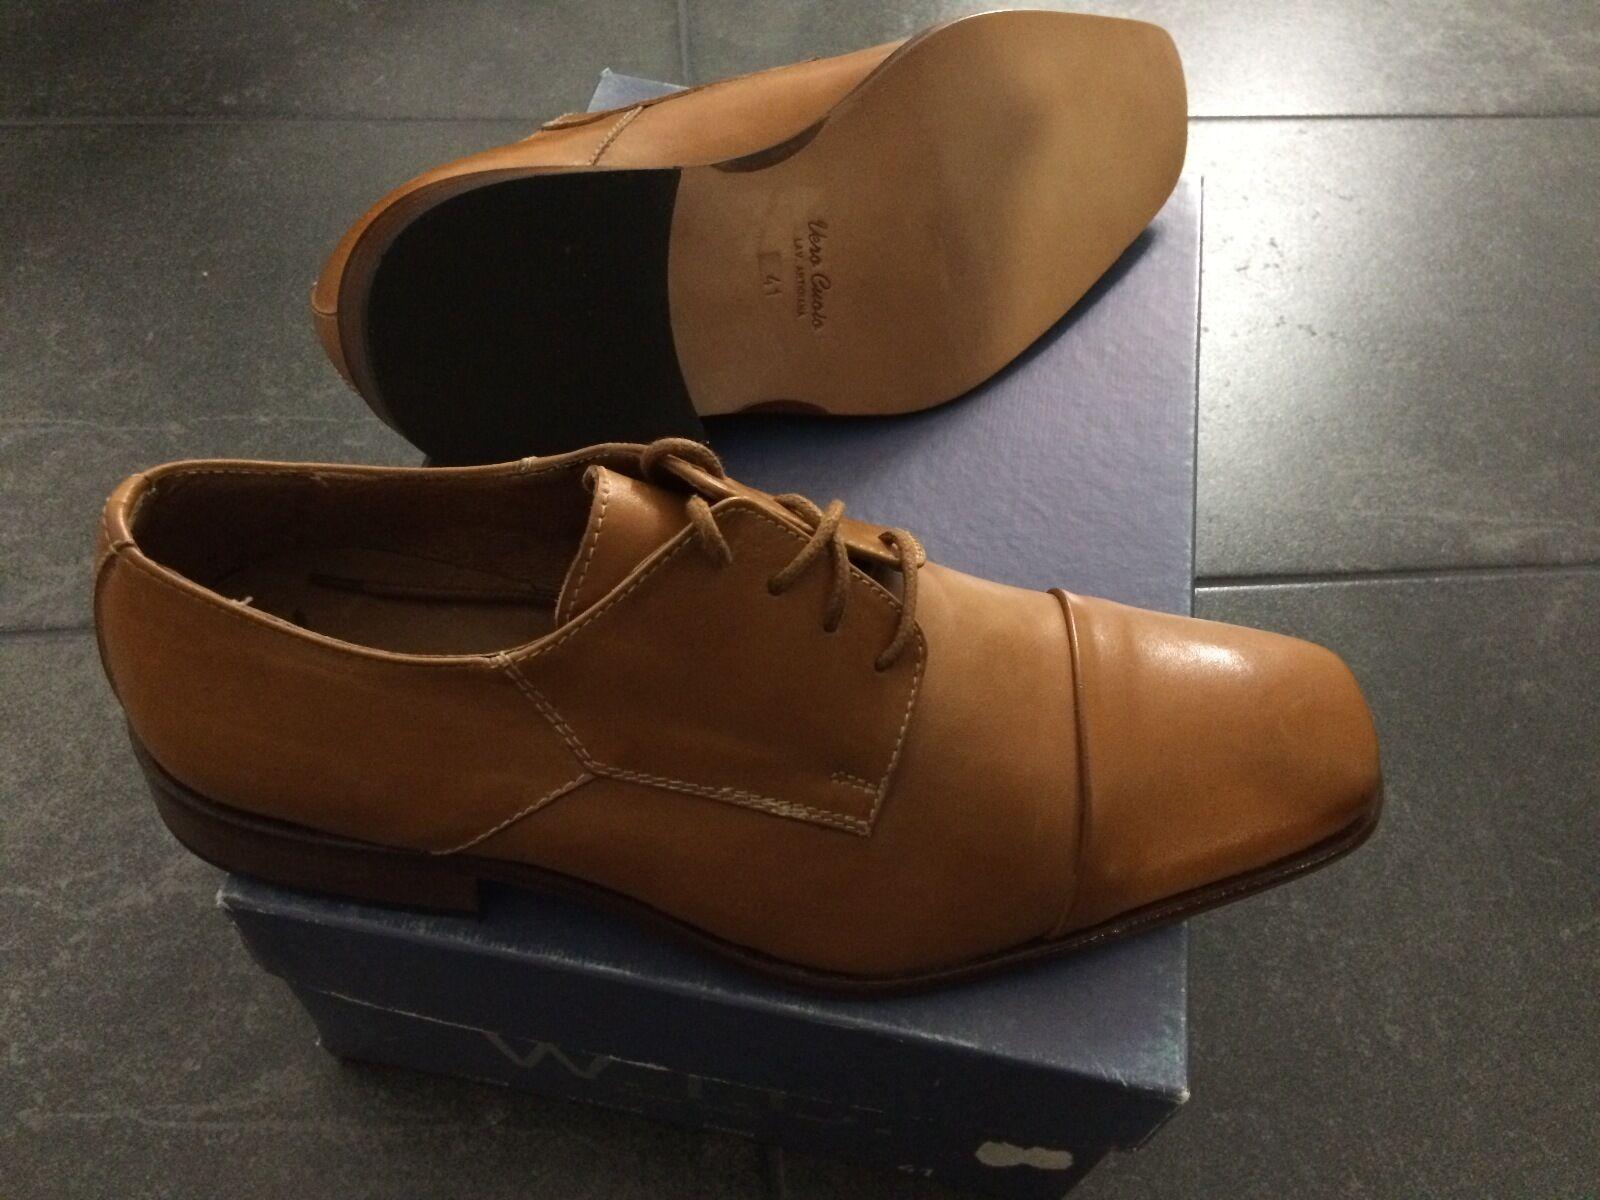 W.T.C. Nagelneue Italienische Leder Schuhe Gr. 41 mit echter Leder Sole OVP    | Die Königin Der Qualität